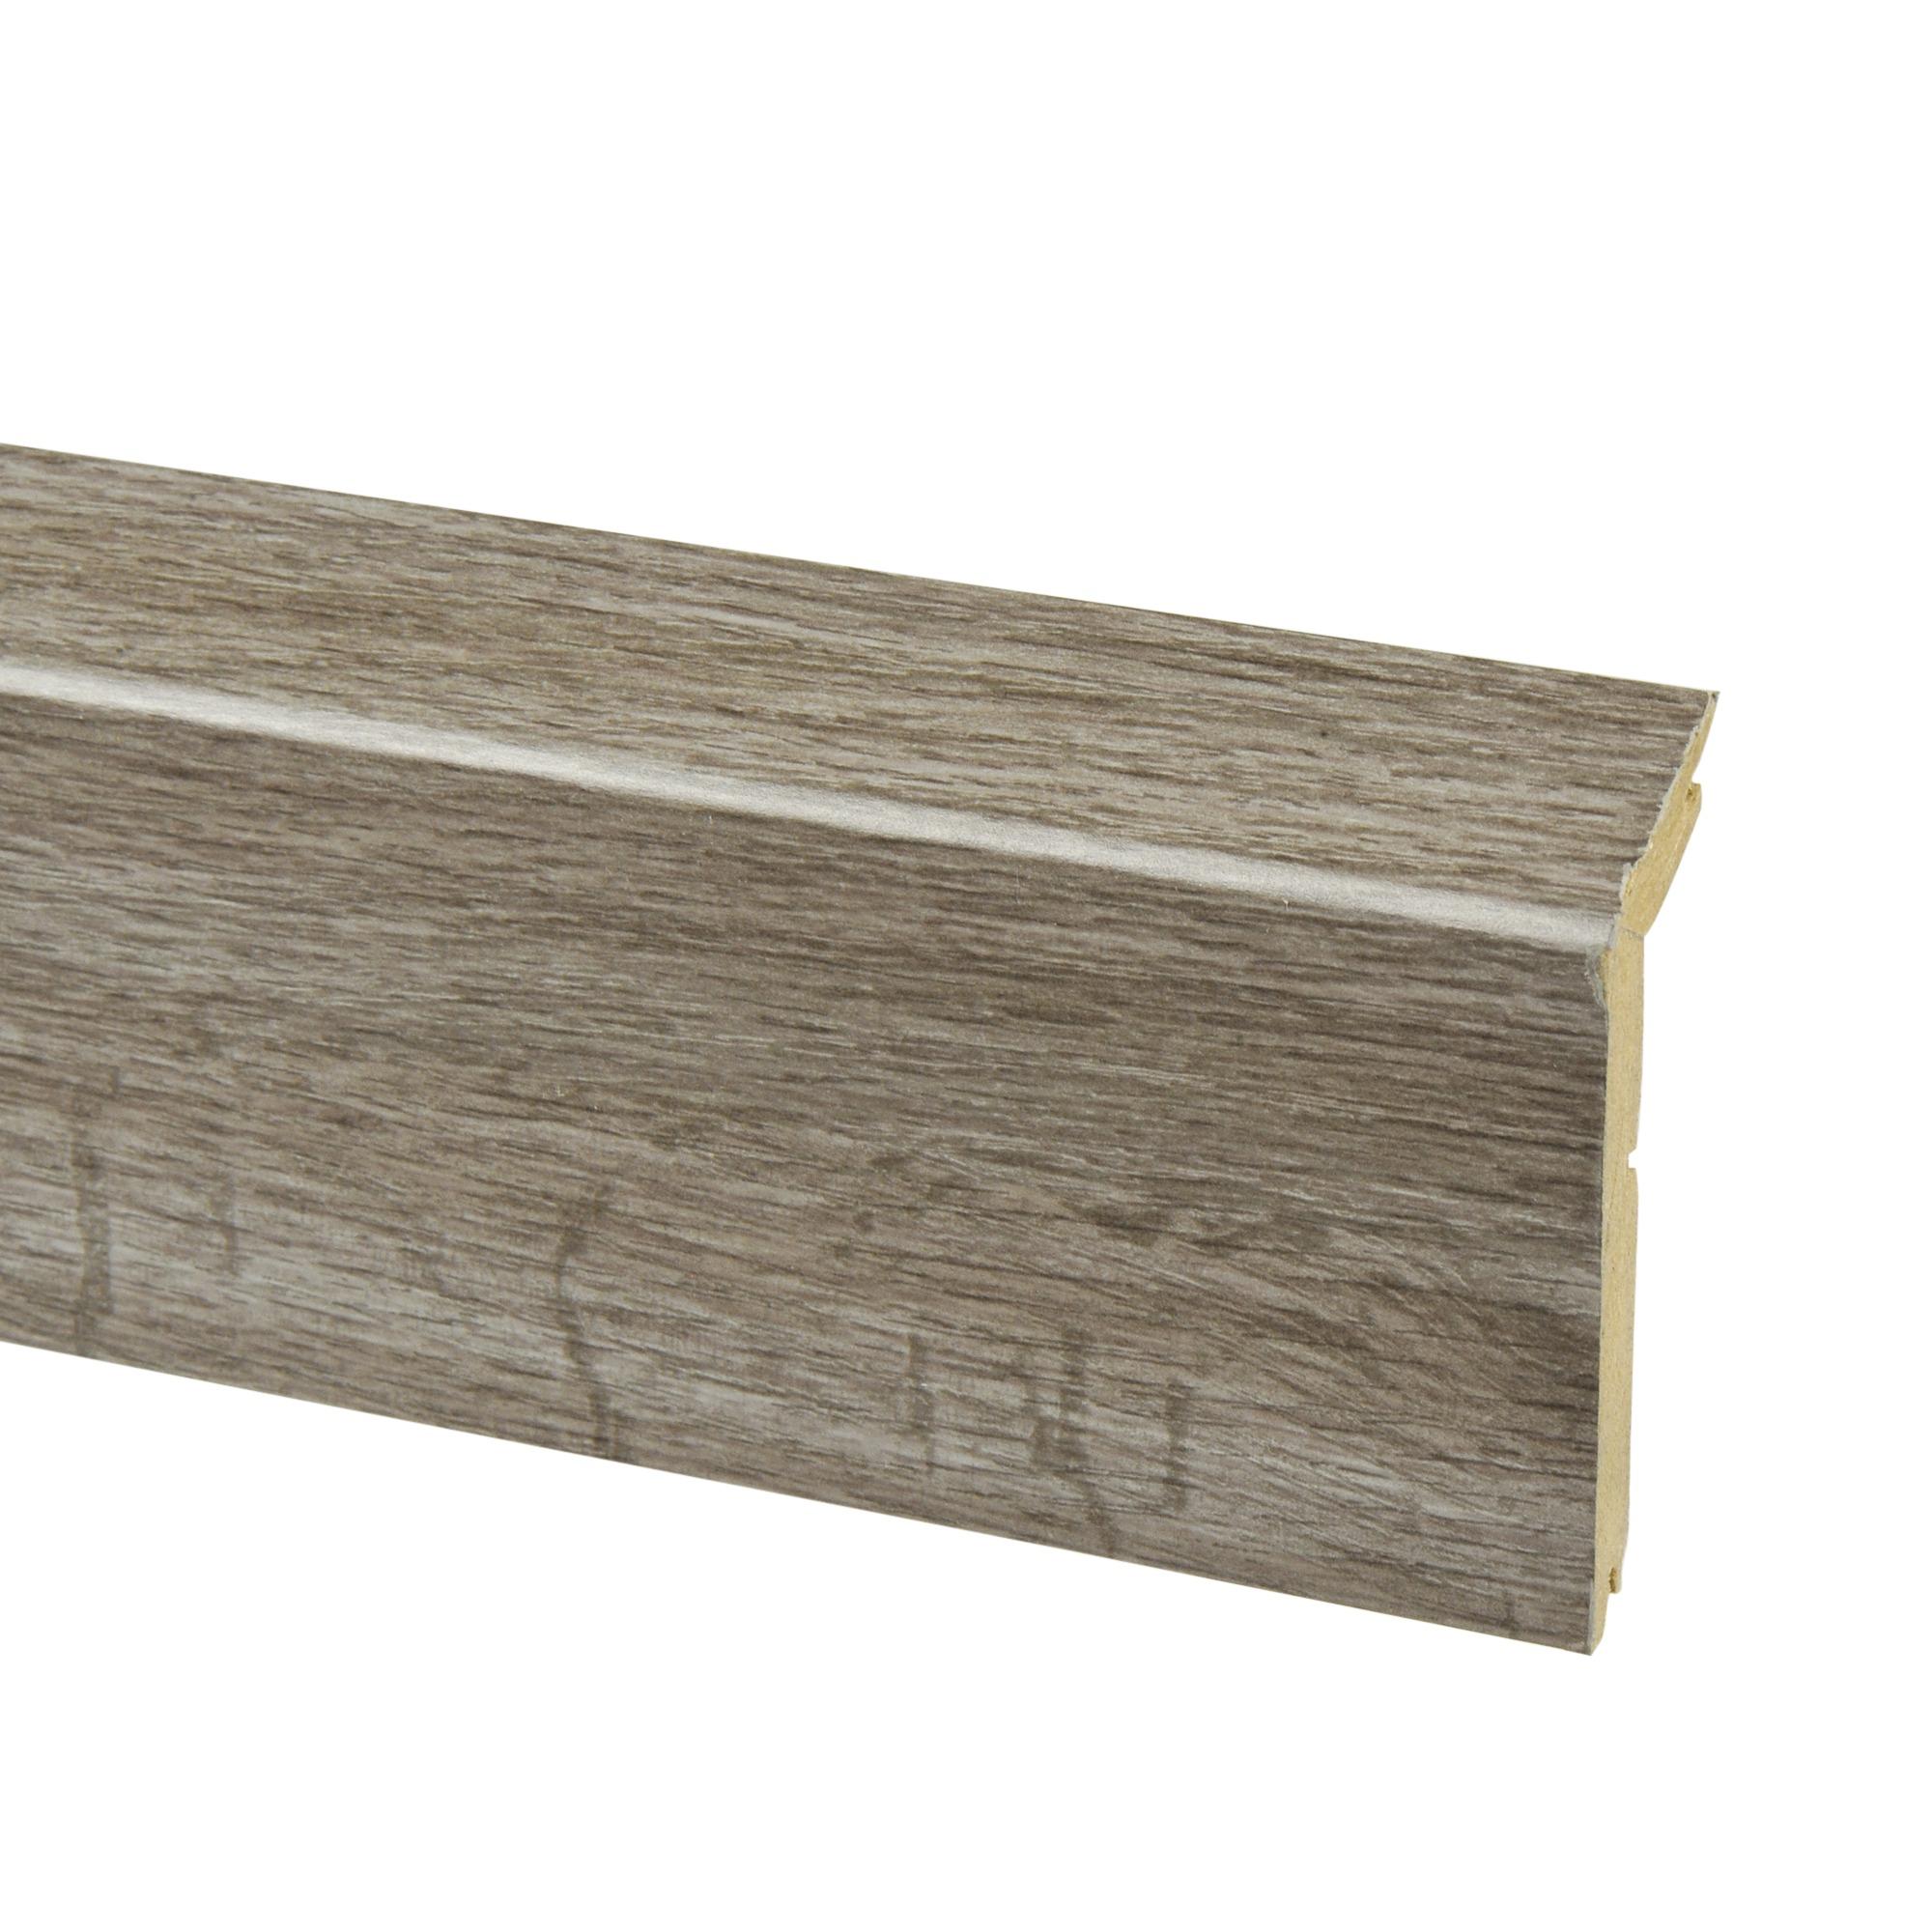 Overzetplint donkergrijs eiken nr 446 240 cm plinten for Karwei plinten